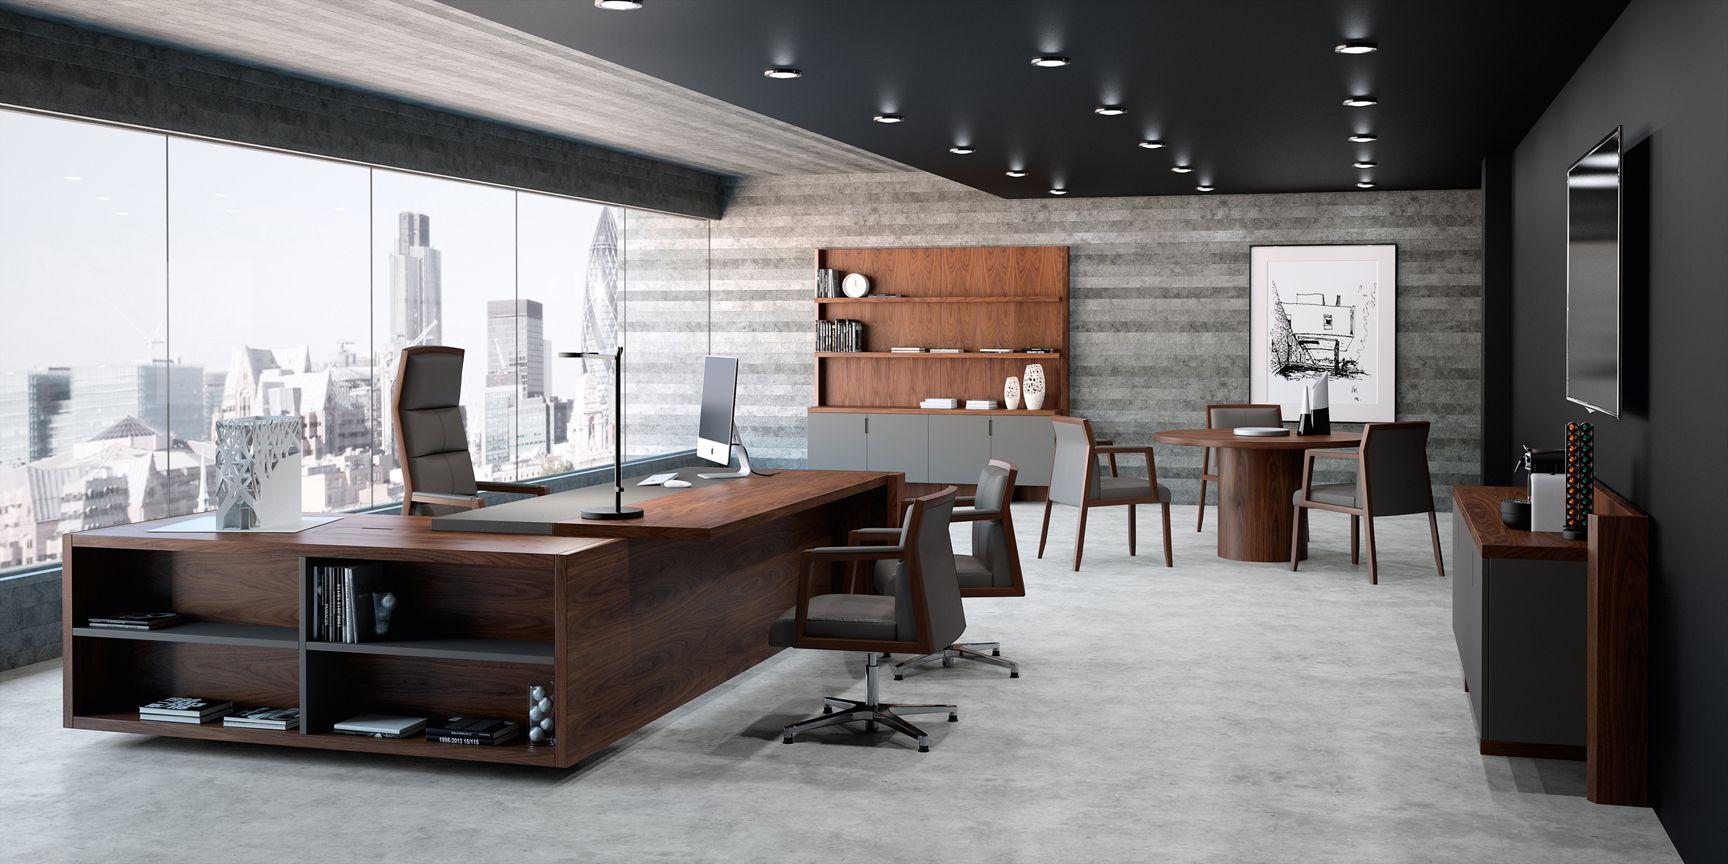 Freeport Panorámica Despacho Alta Dirección Ofifran Muebles De Oficina Modernos Diseño De Interiores Oficina Oficinas De Diseño